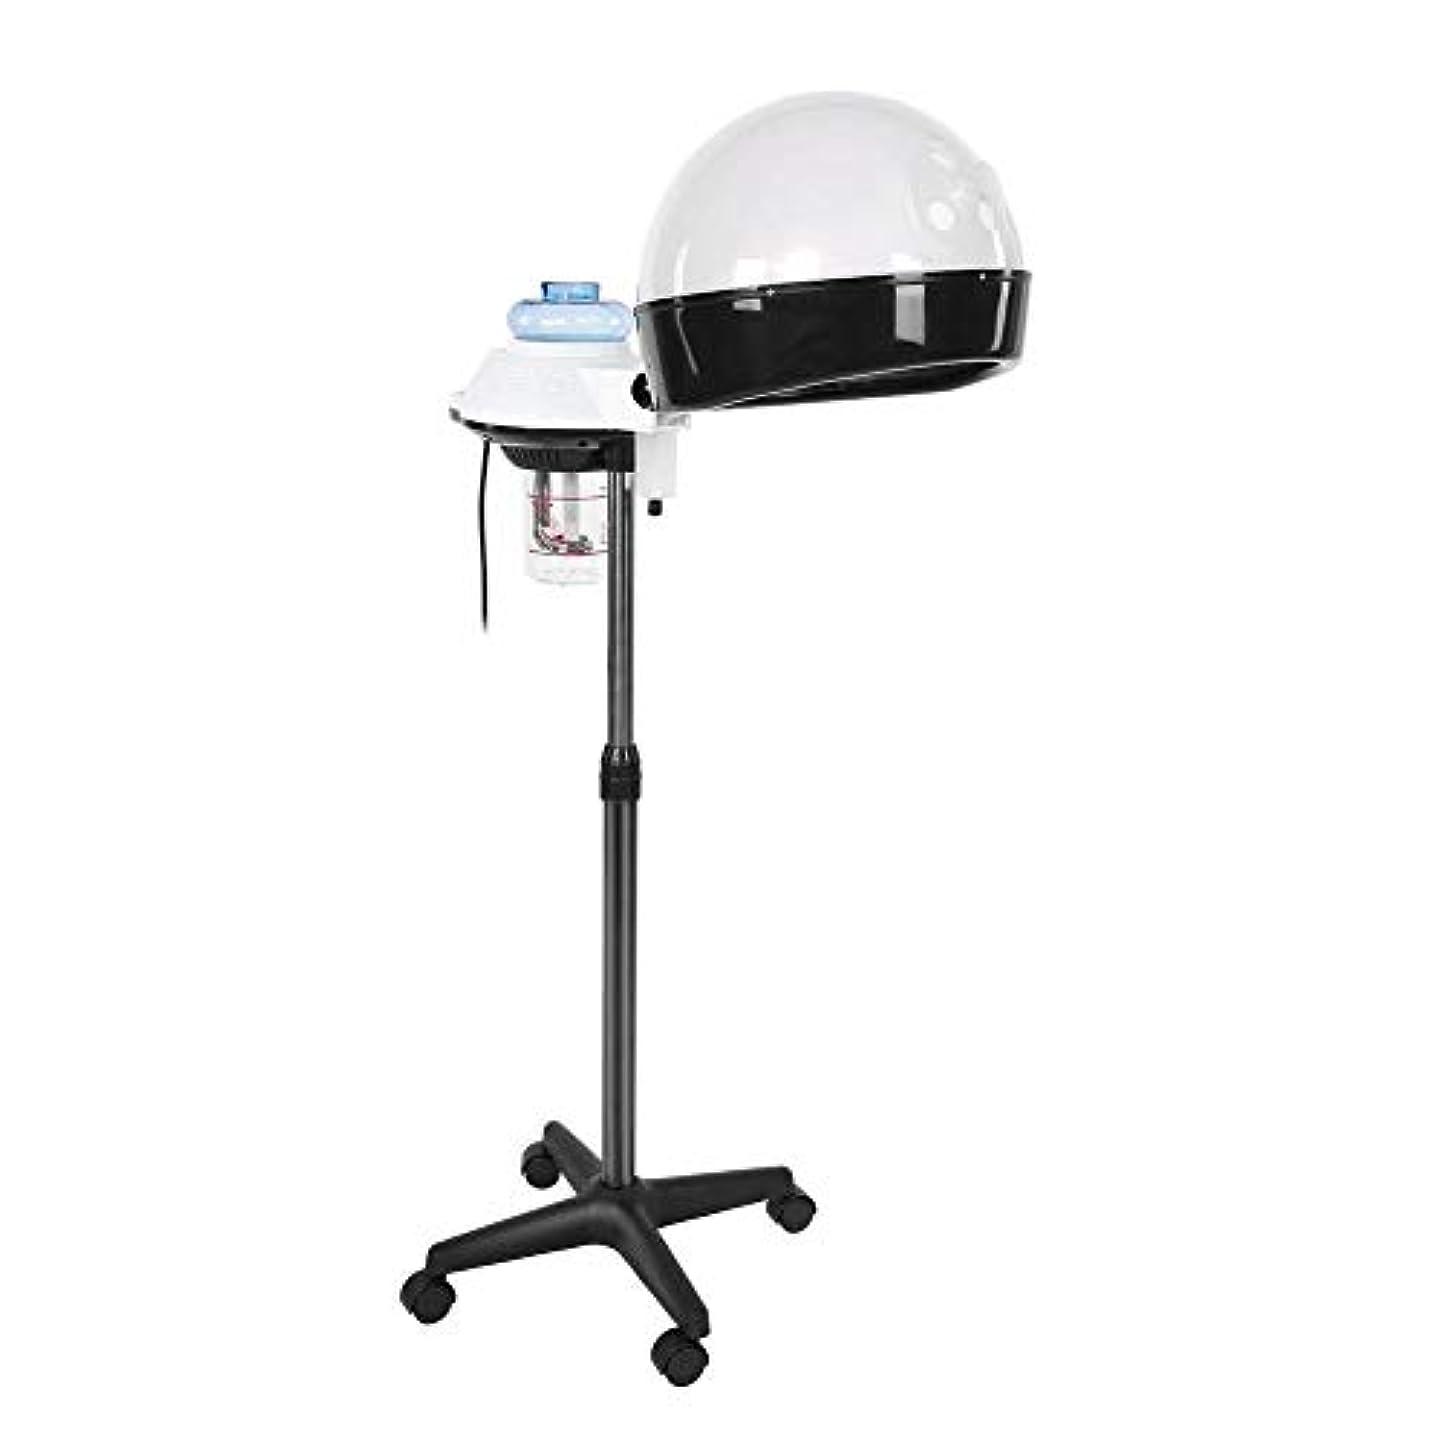 タンク支援セットアップヘア 加湿器 パーソナルケア用のデザイン ホットミストオゾンヘアセラピー美容機器 個人用家庭用 (US)